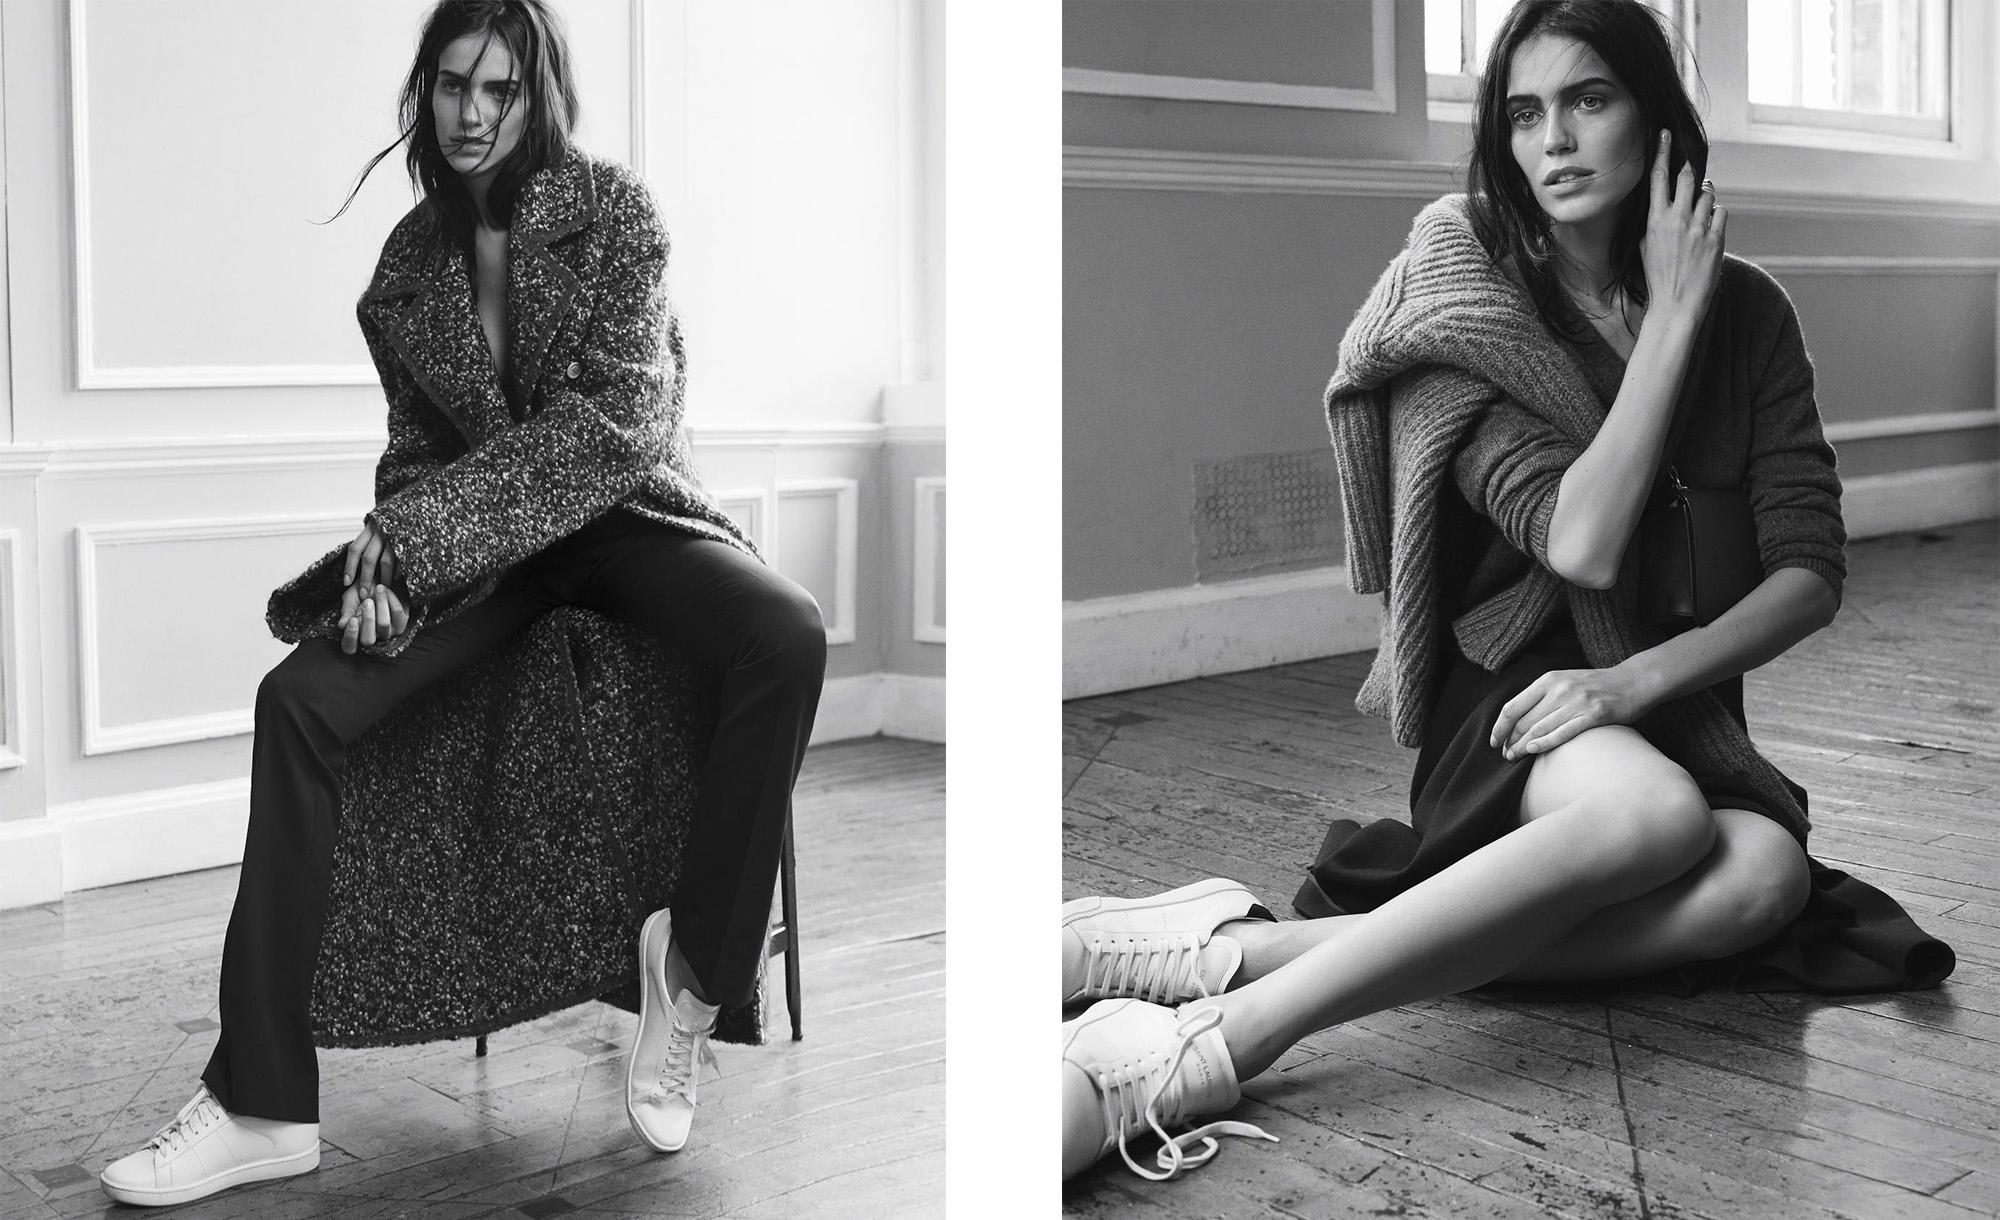 Clochet_Amanda_Wellsh_by_Benny_Horne_Vogue_Spain_September_2014_13